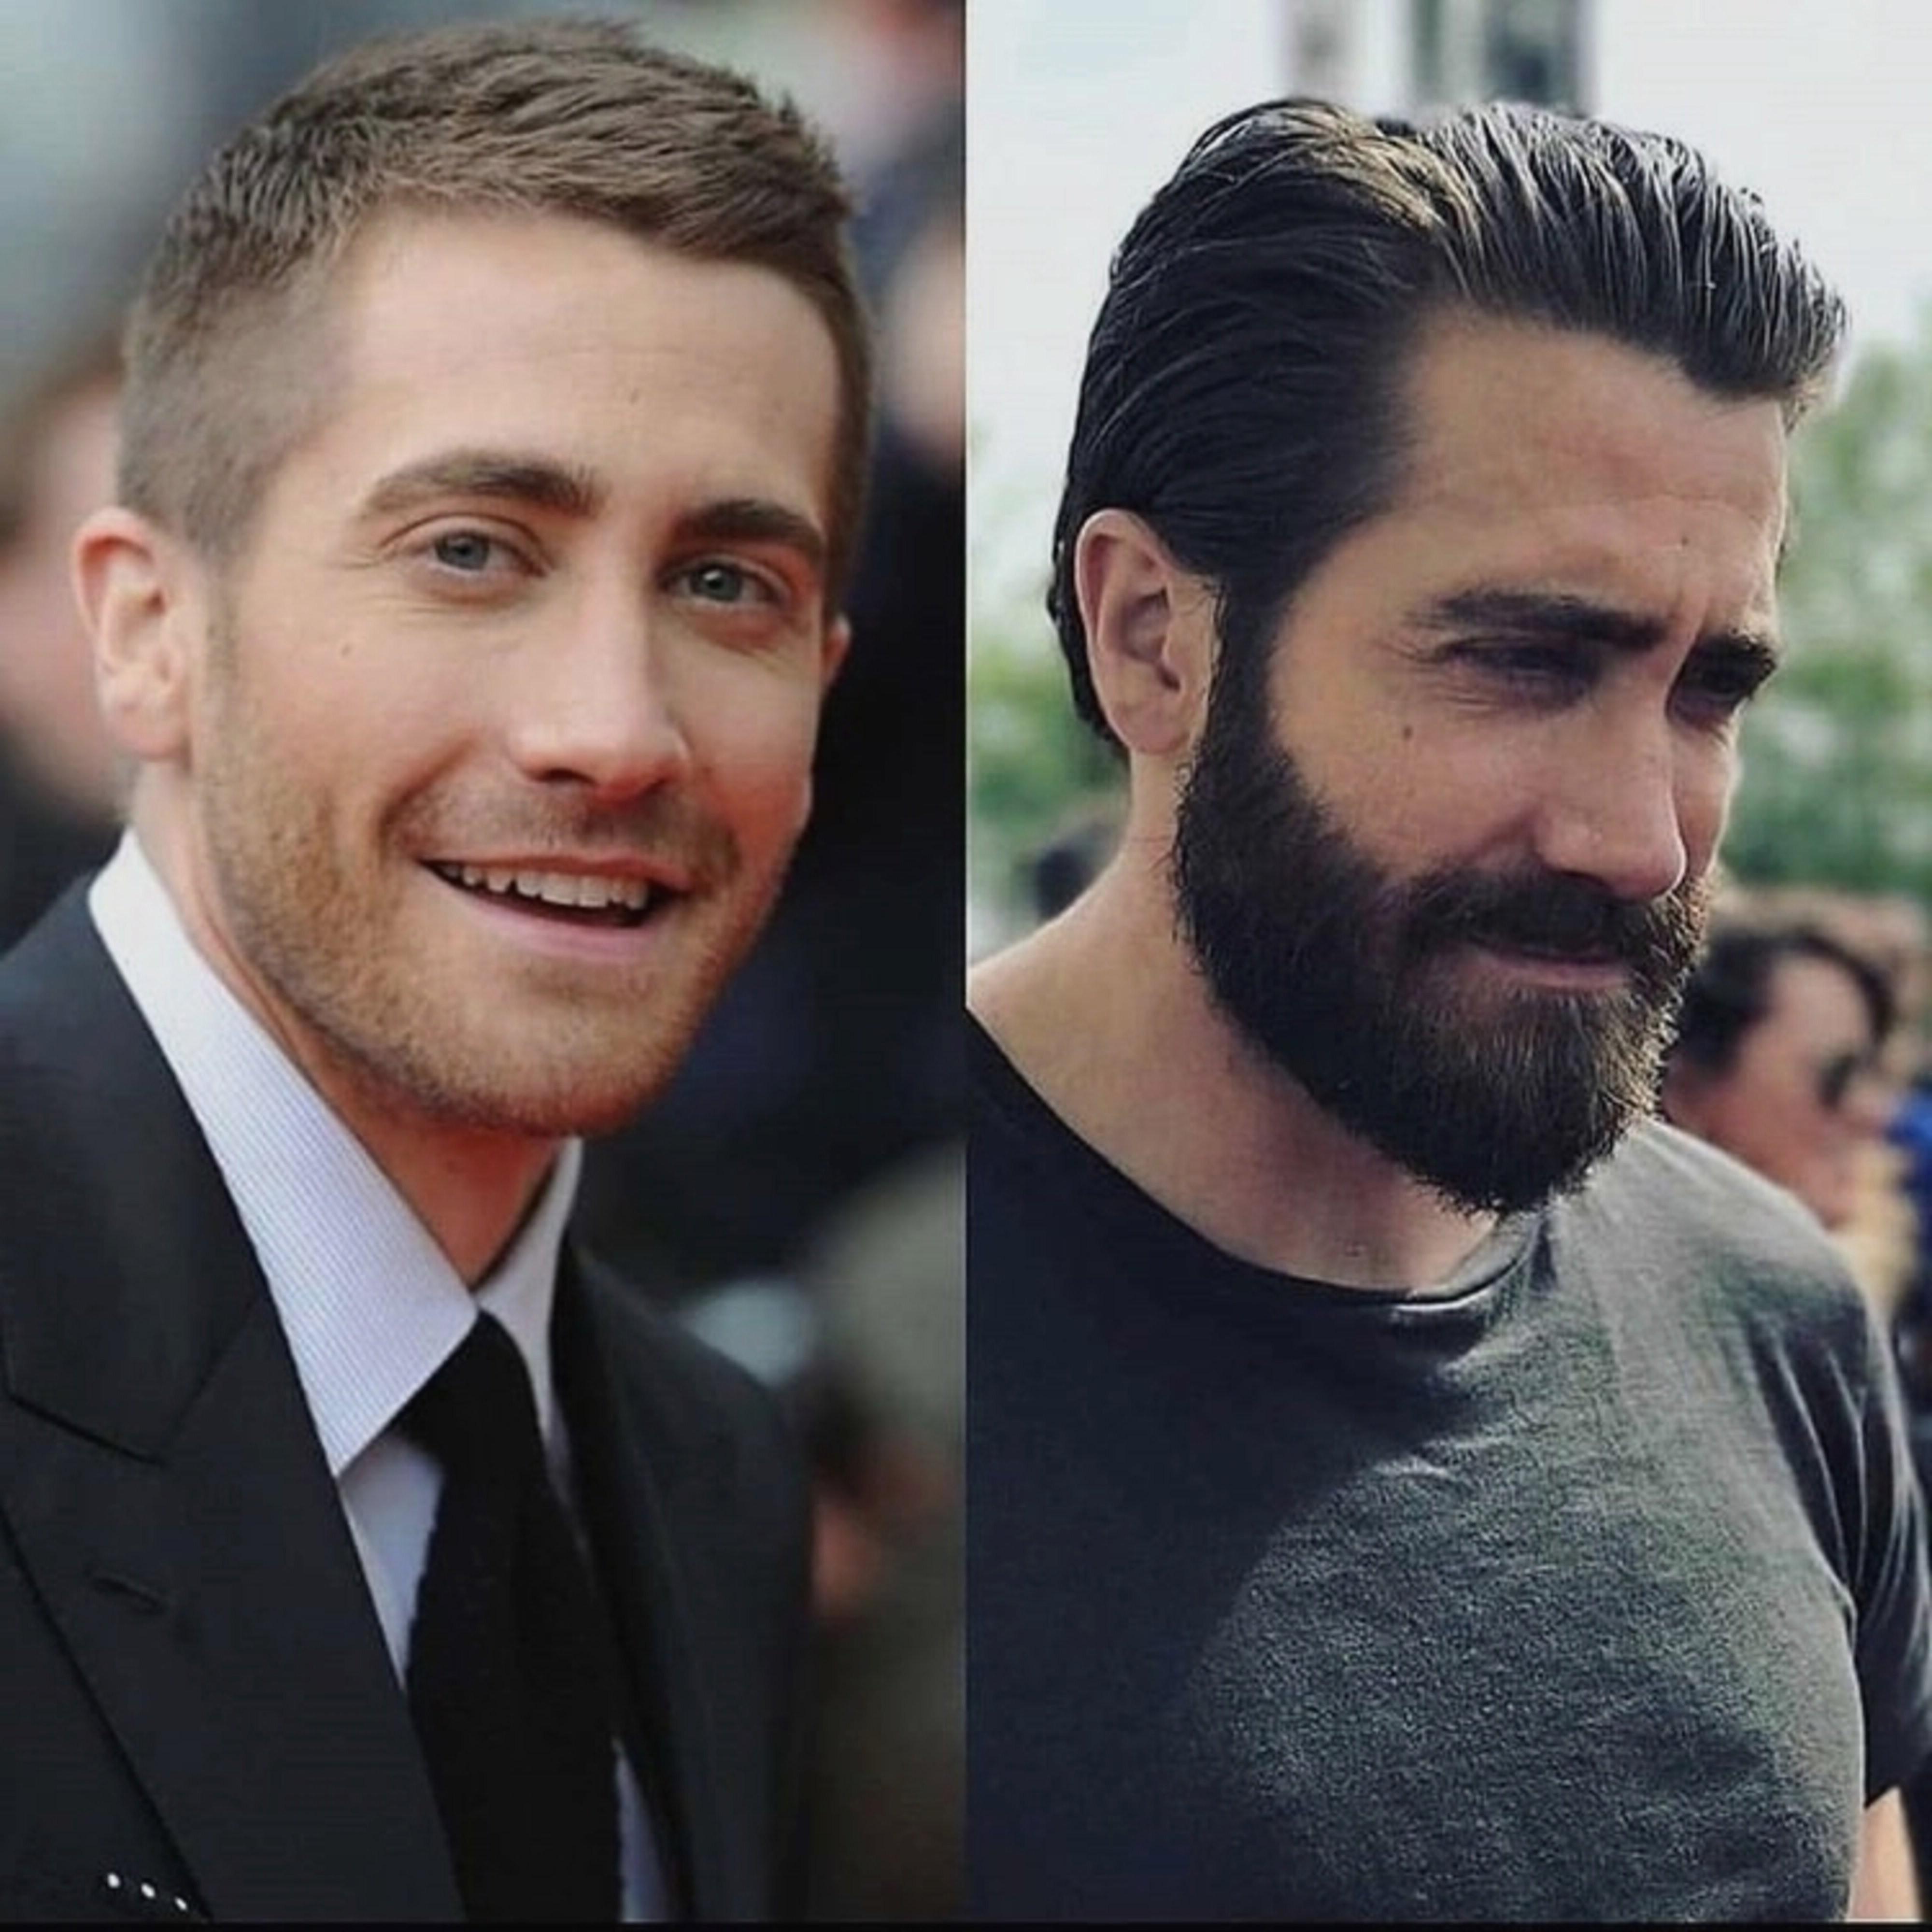 A long beard like men in Hollywood wear.